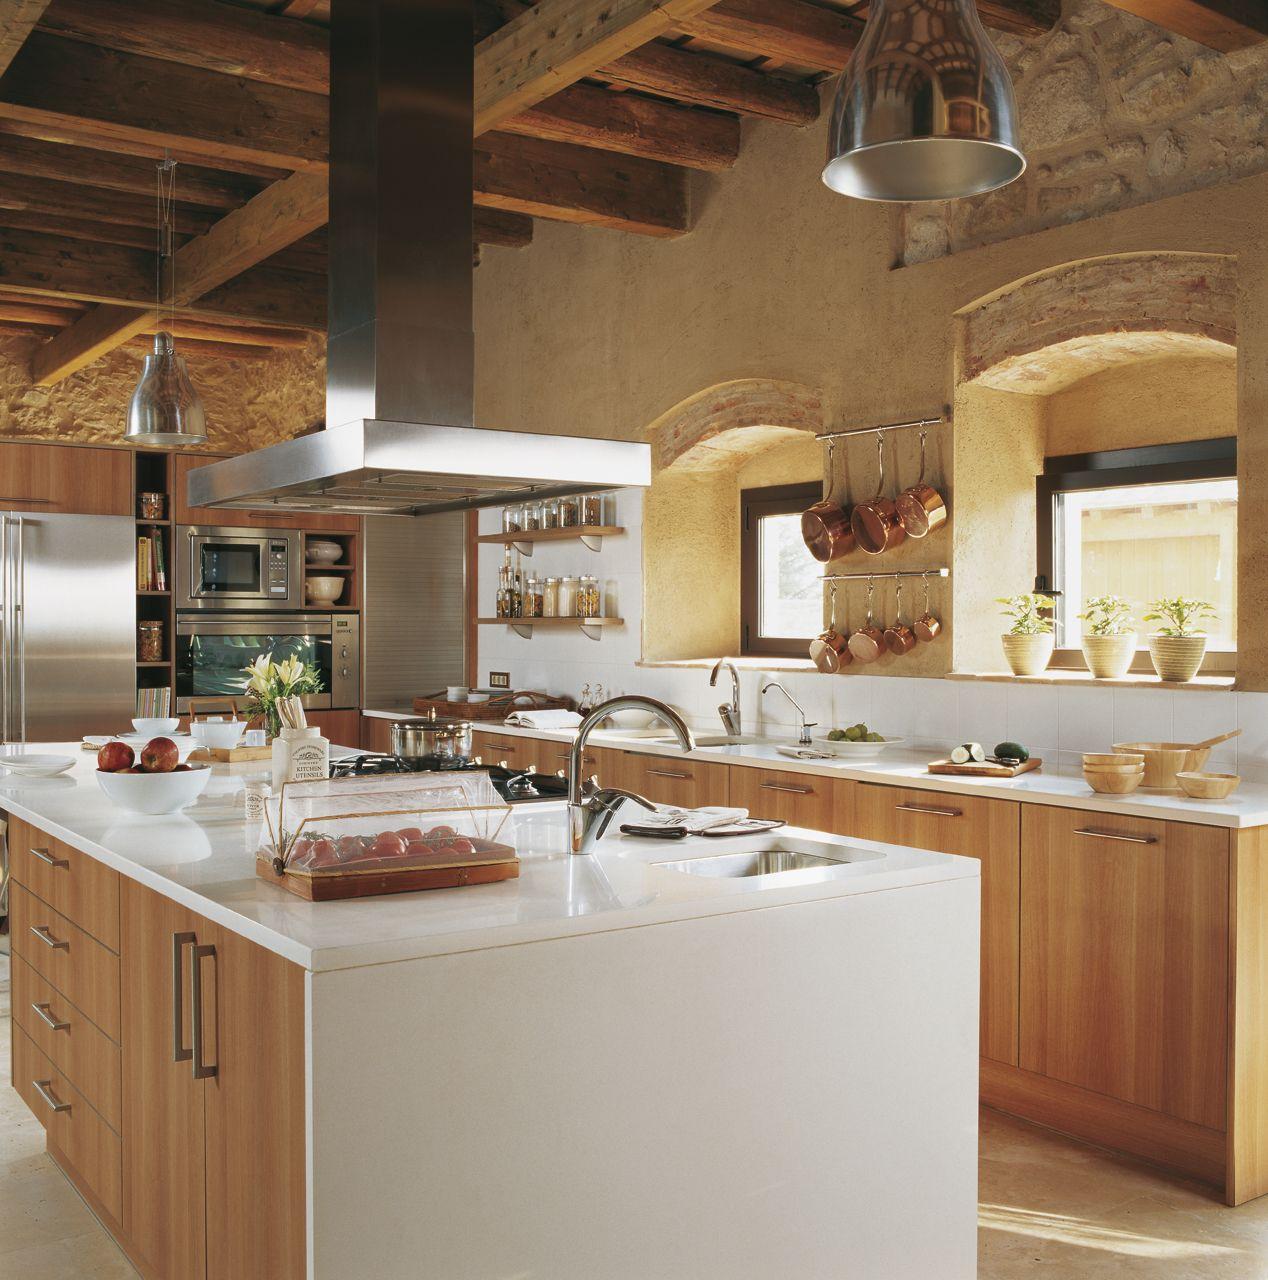 Cocina con una gran isla central con muebles de madera for Cocinas pequenas con isla